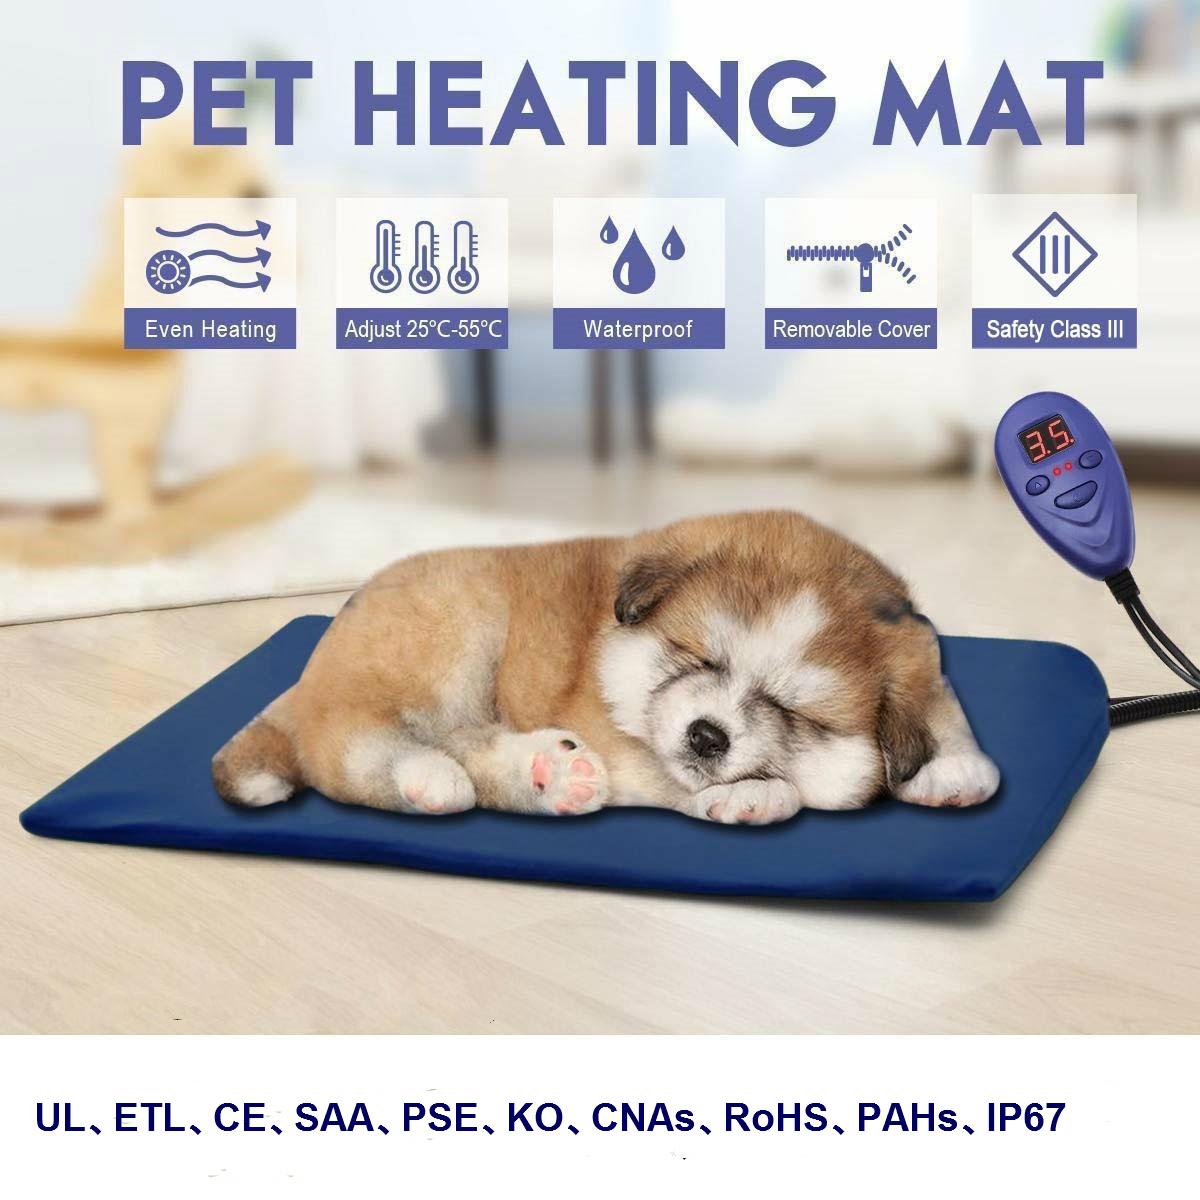 Pet heating pads